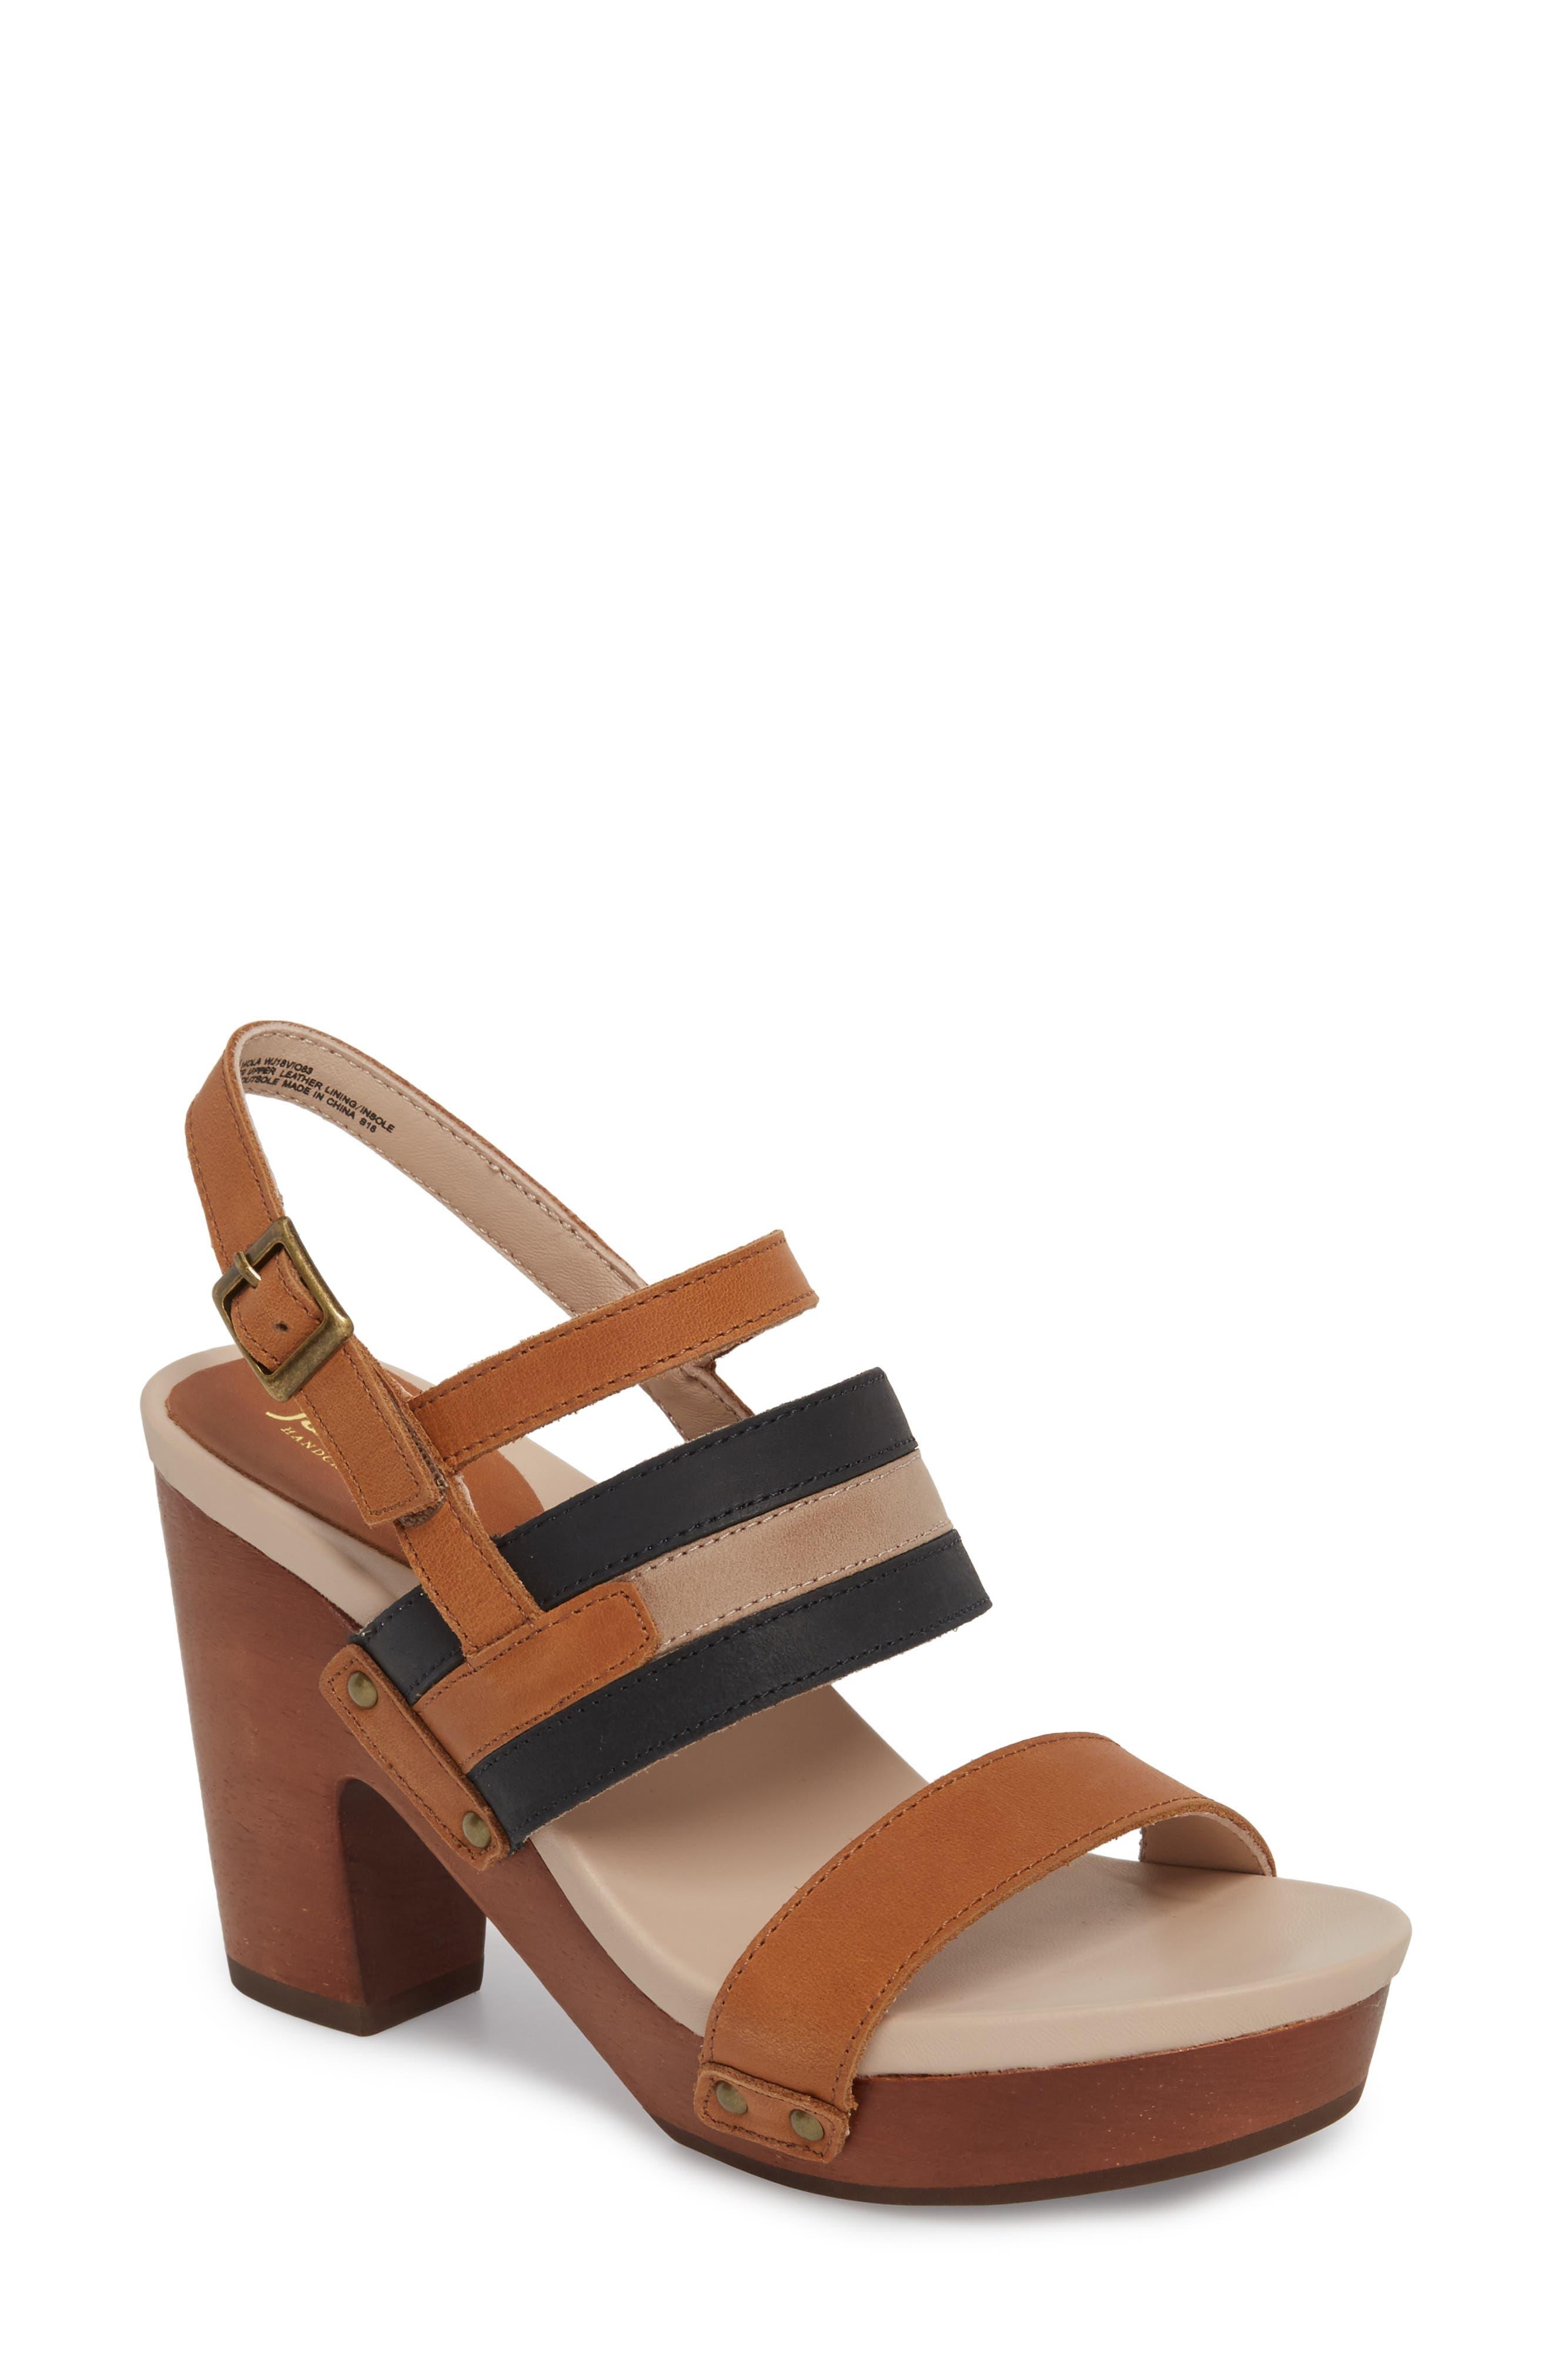 Viola Platform Sandal,                         Main,                         color, 200